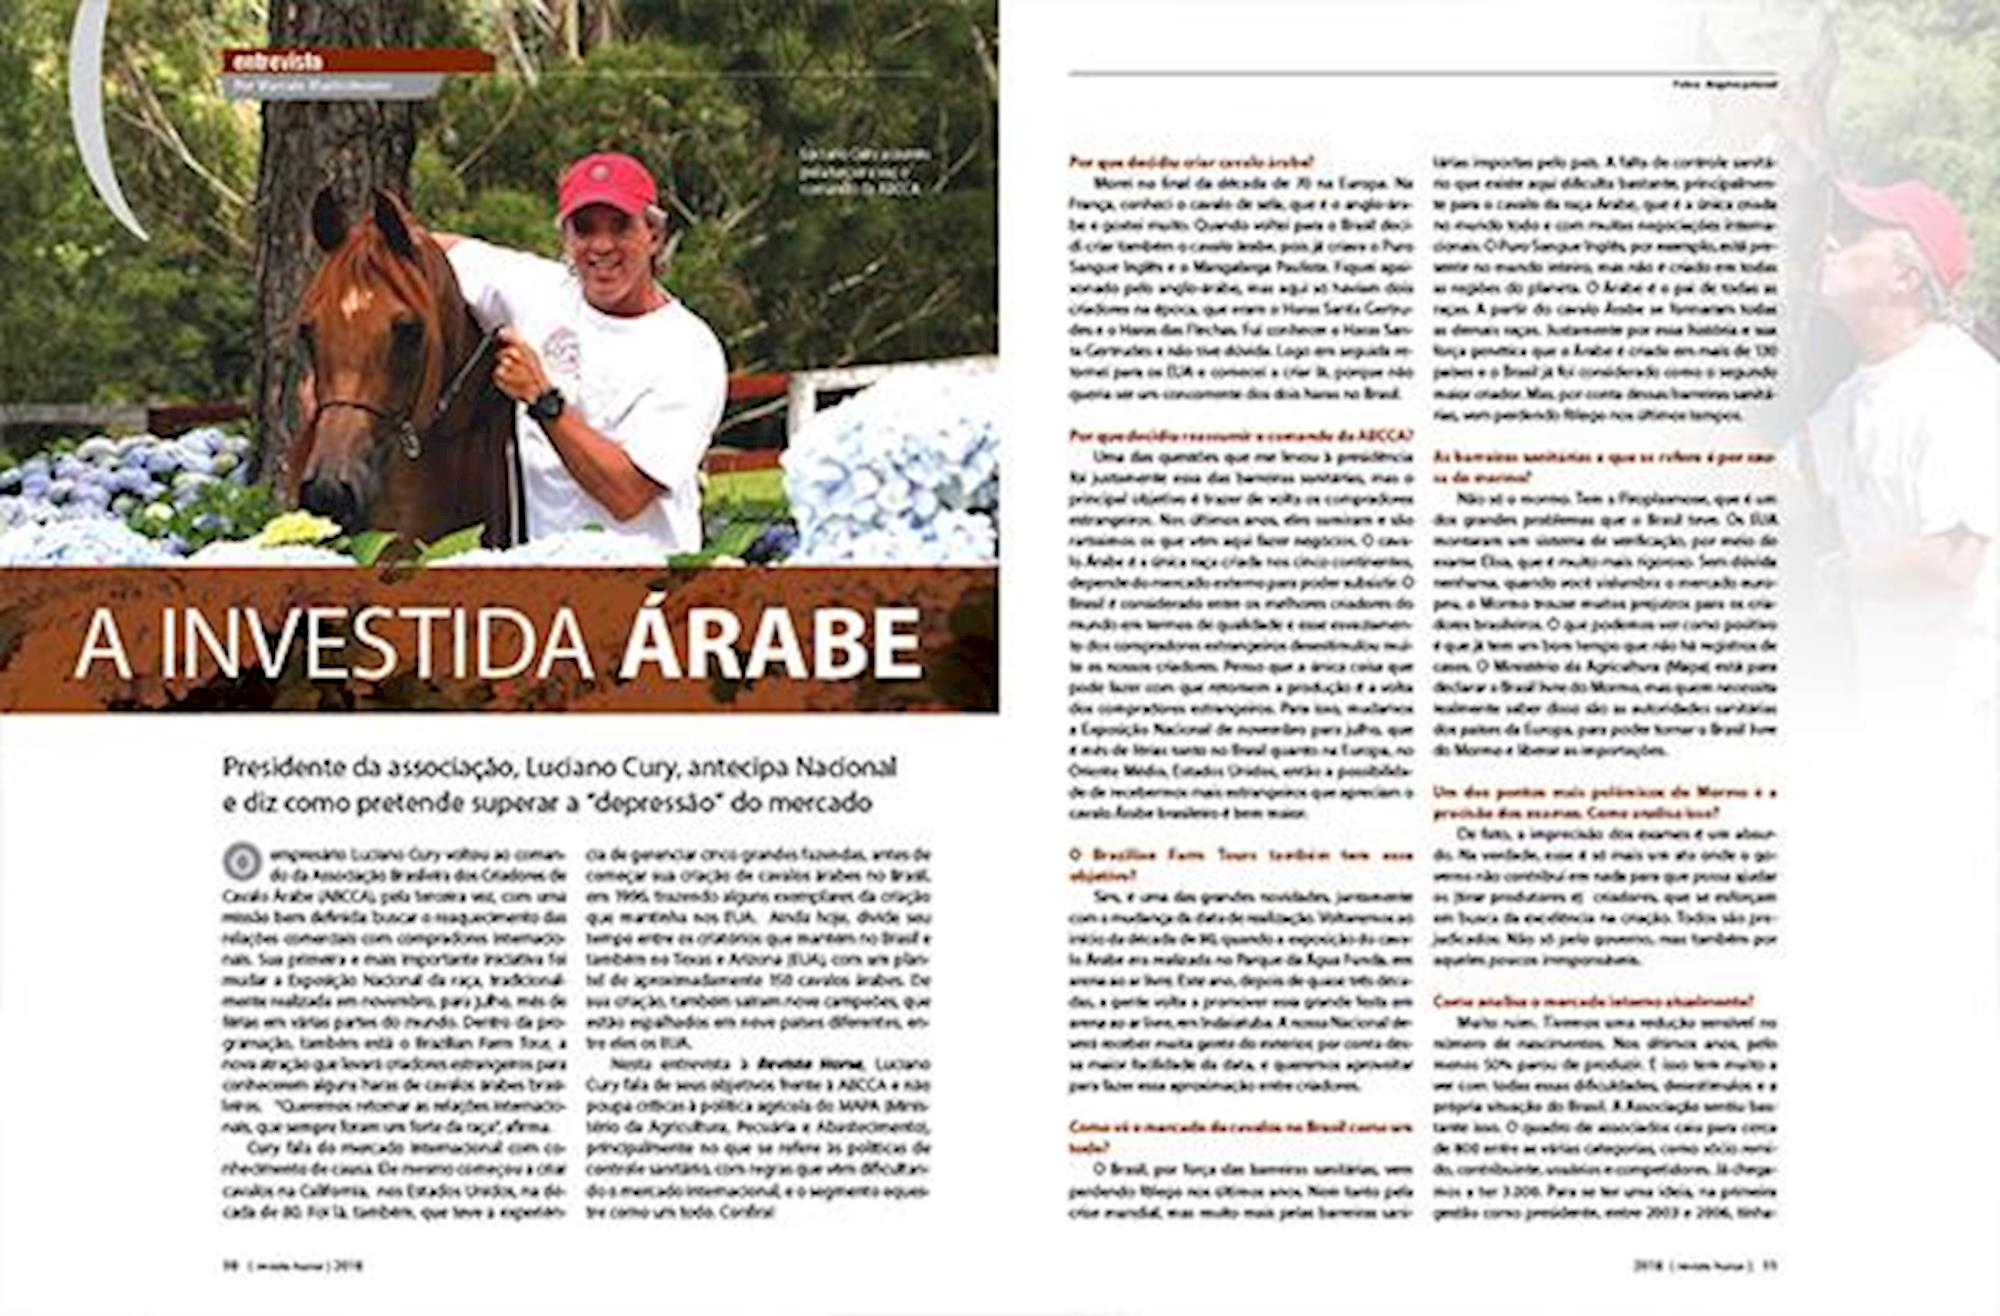 edição 106, Revista Horse, Arabe,